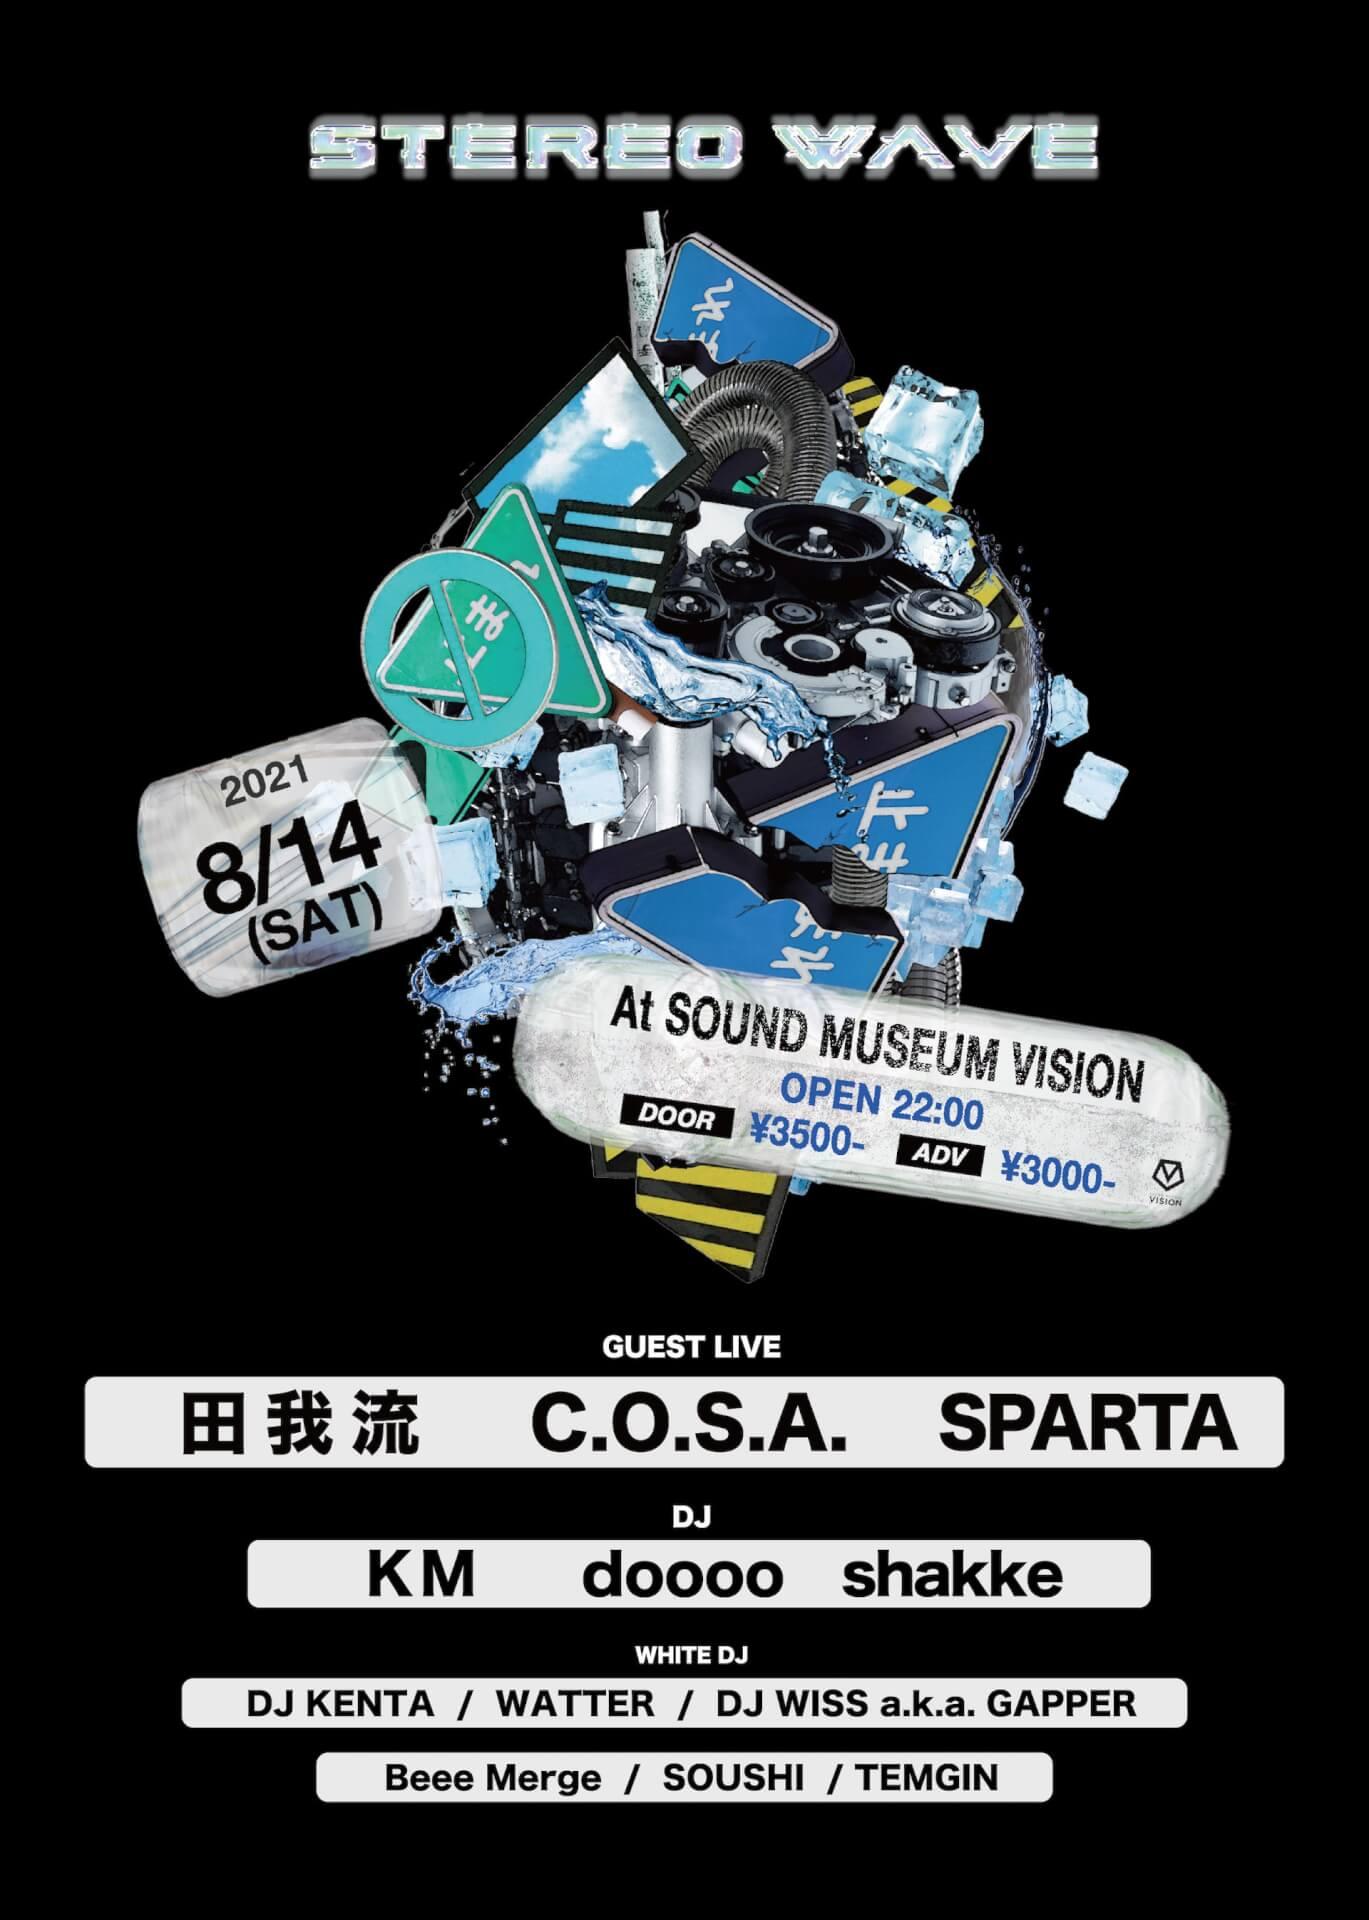 KMとdooooが企画/レジデントを務めるDOPEなパーティー<STEREO WAVE>が開催!田我流、C.O.S.A.らも参戦 music_210729_stereowave2